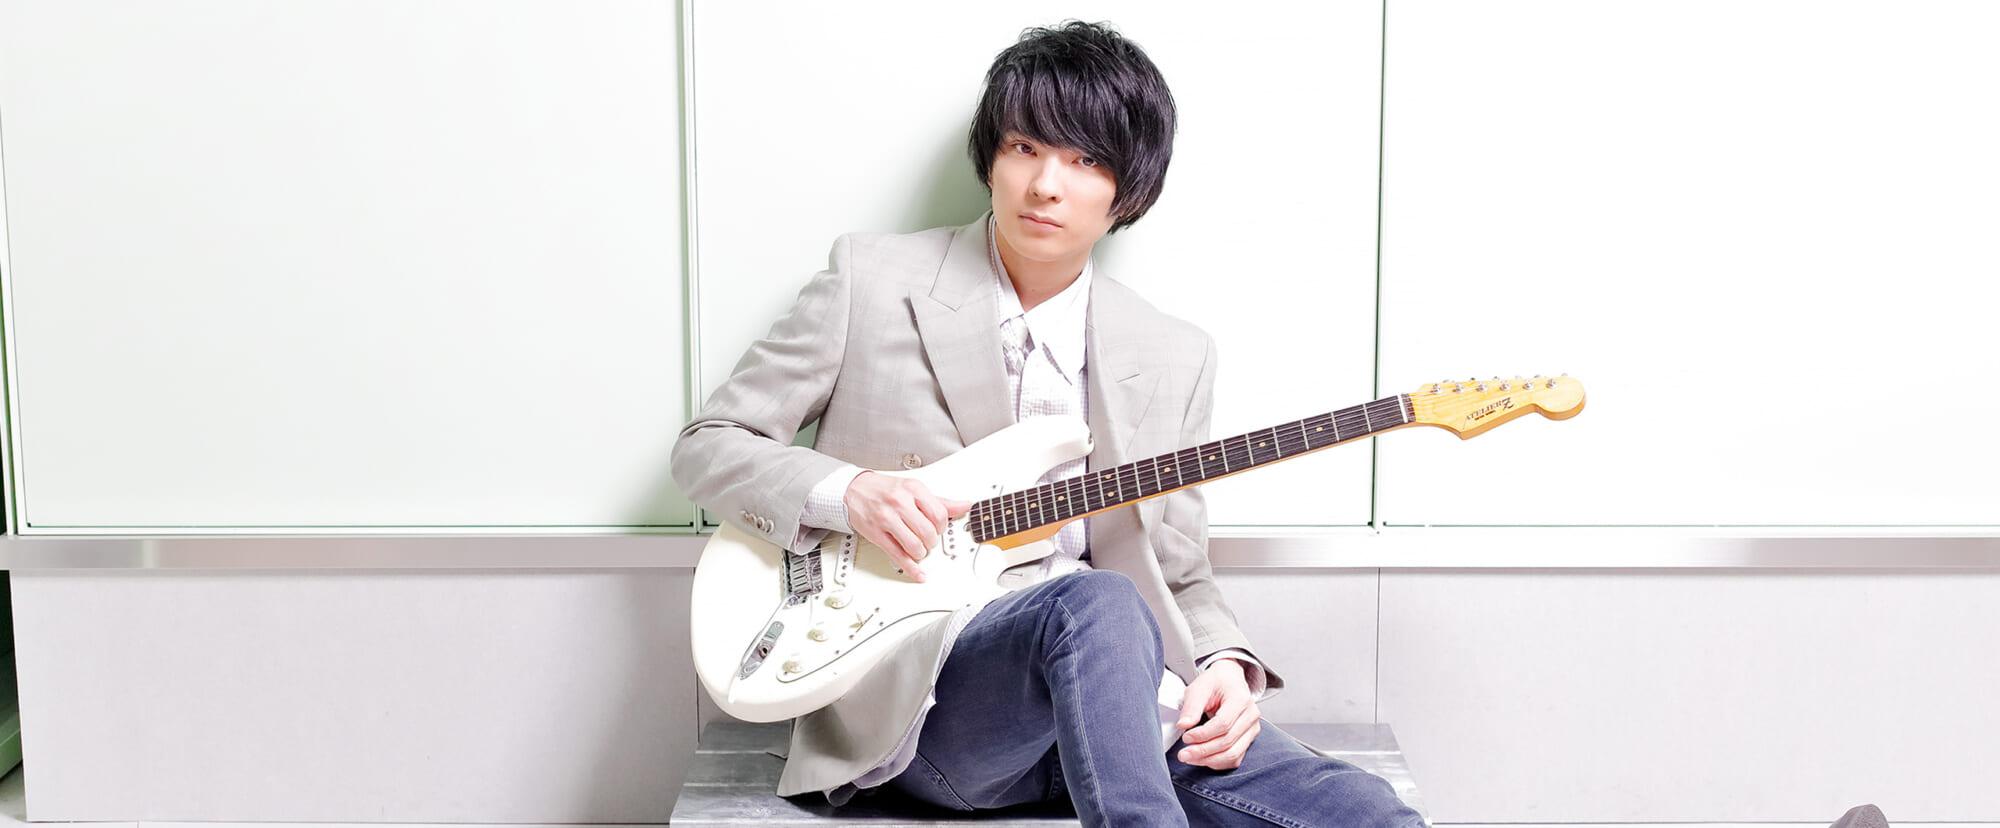 Interview|斎藤宏介(UNISON SQUARE GARDEN)ギター・アレンジはどう考えるか